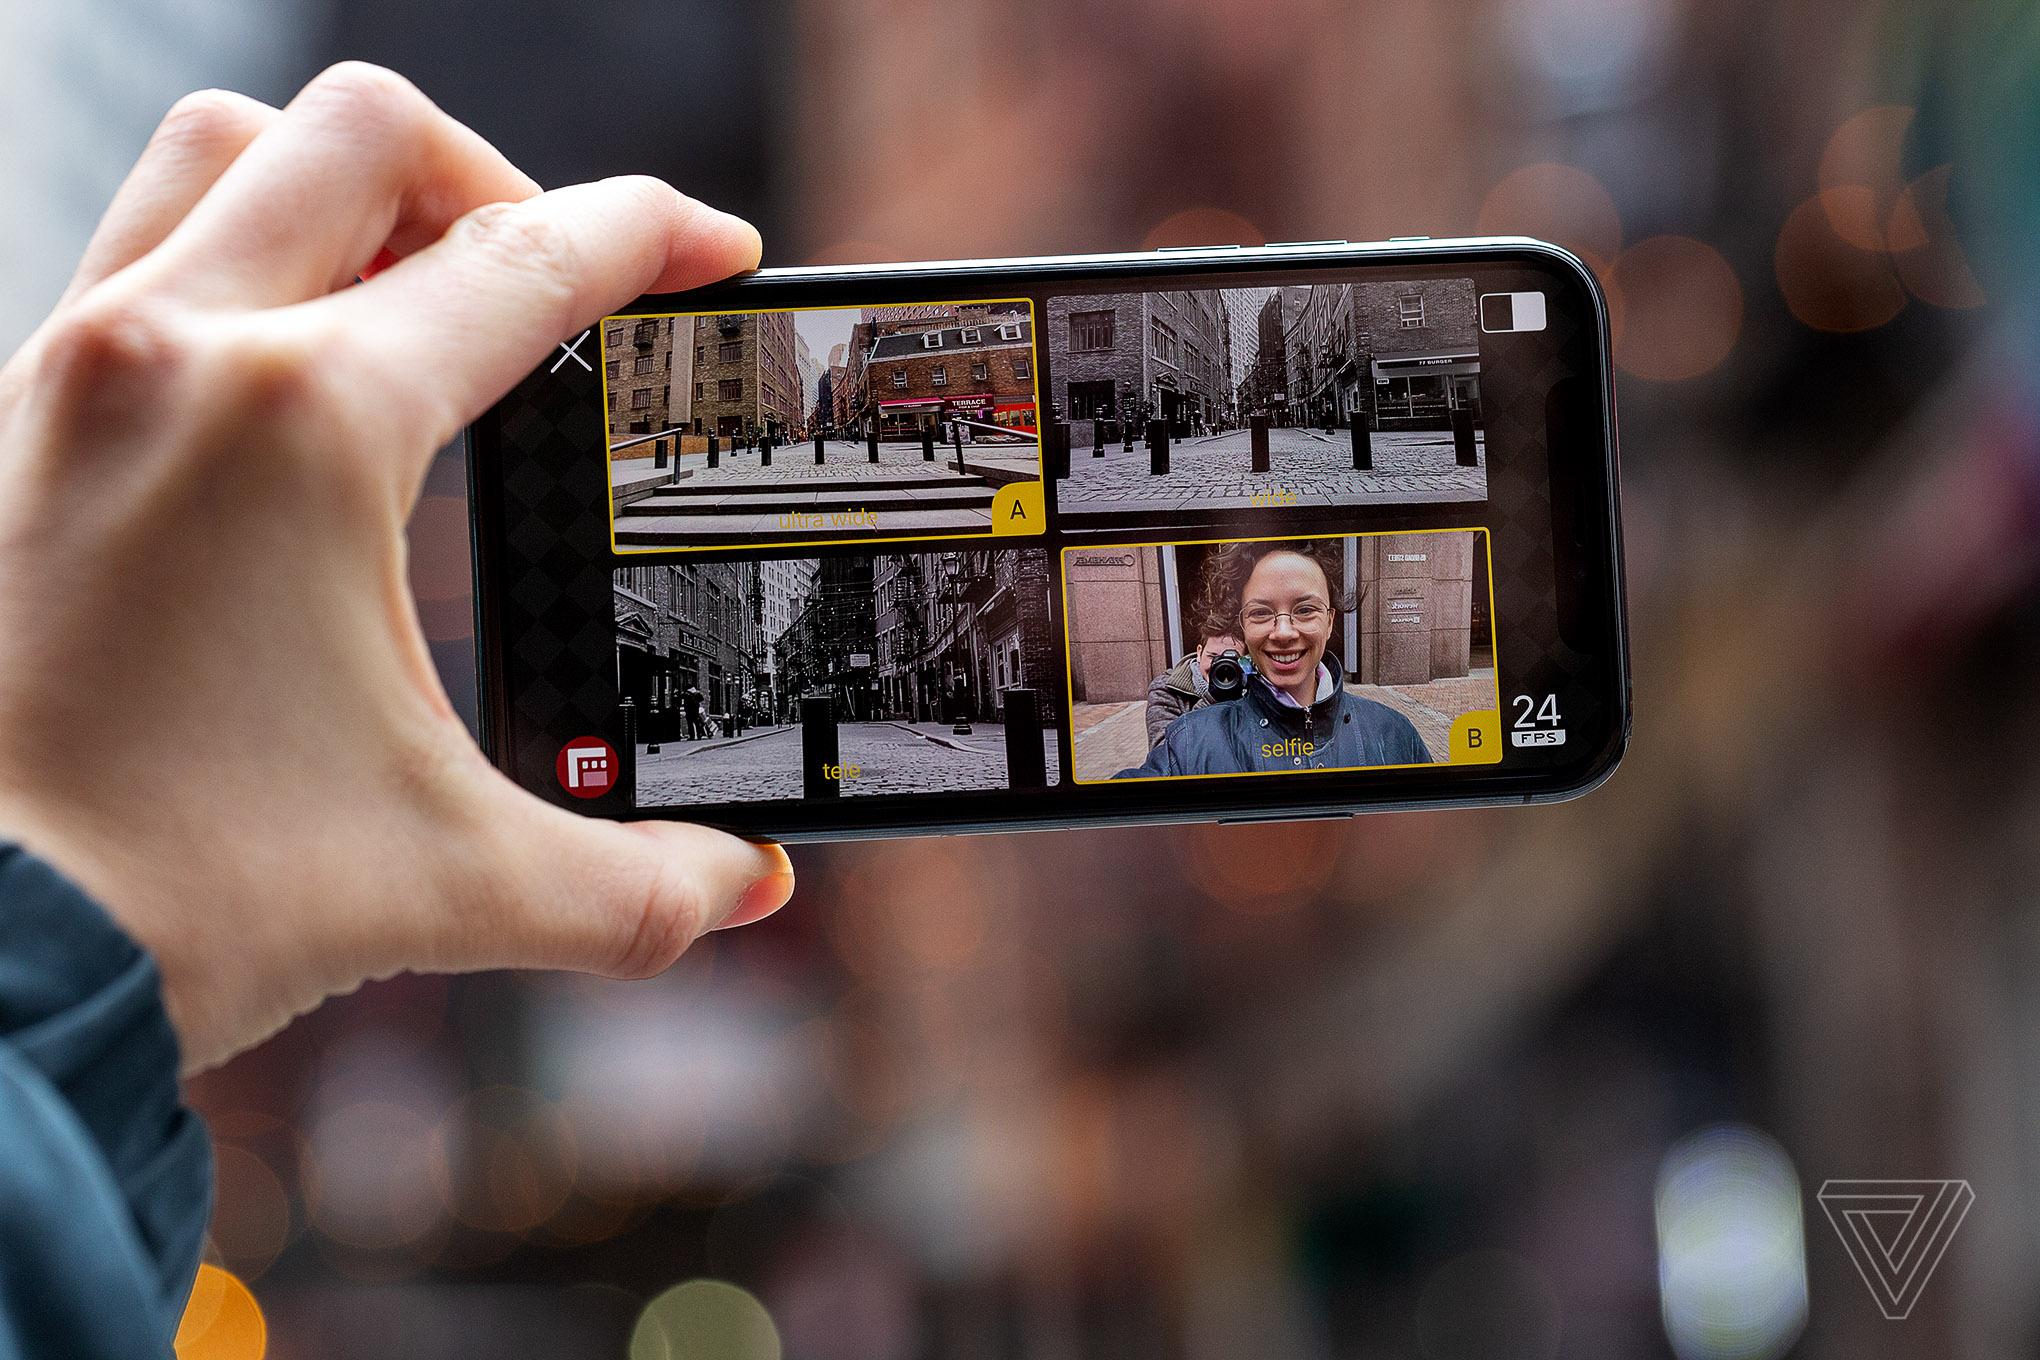 все ингредиенты приложения для фото с двумя окнами василий